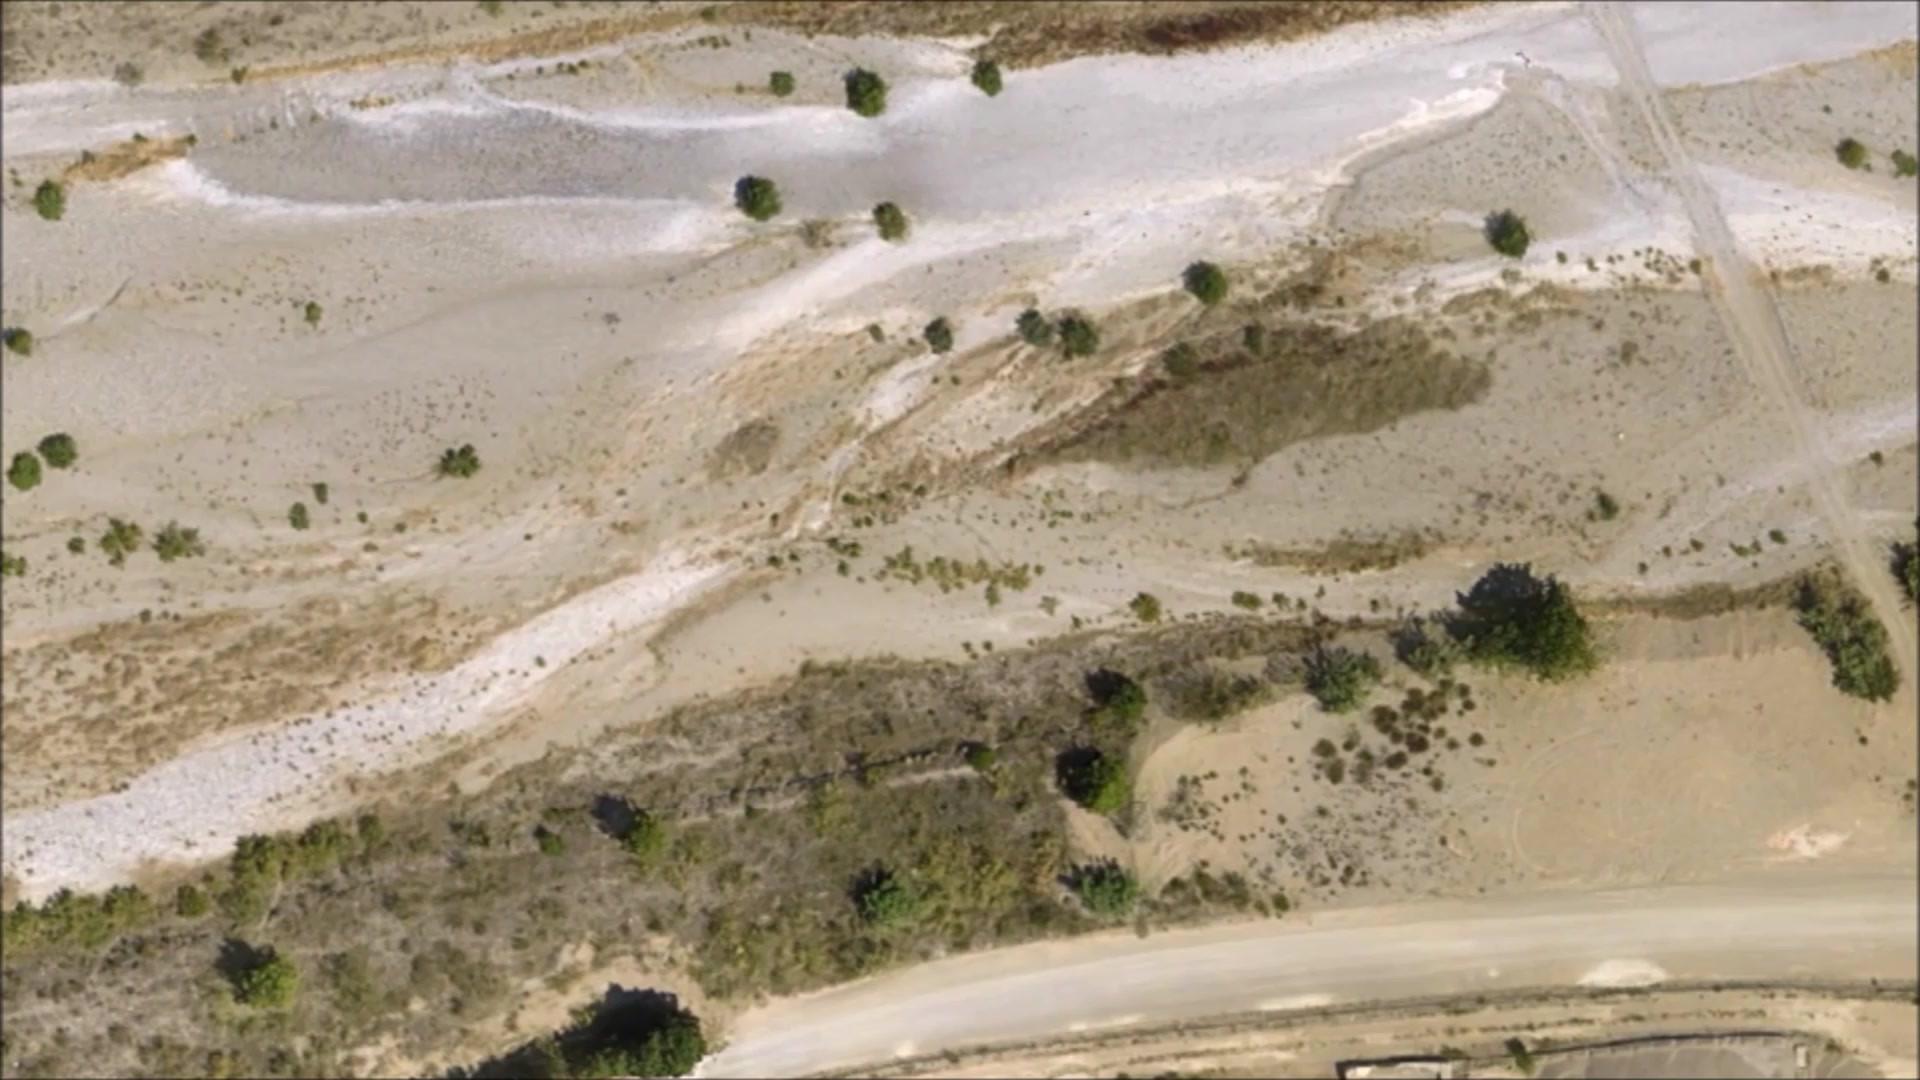 Obtenció d'ortofotografies i informació topogràfica d'alta resolució de lleres fluvials